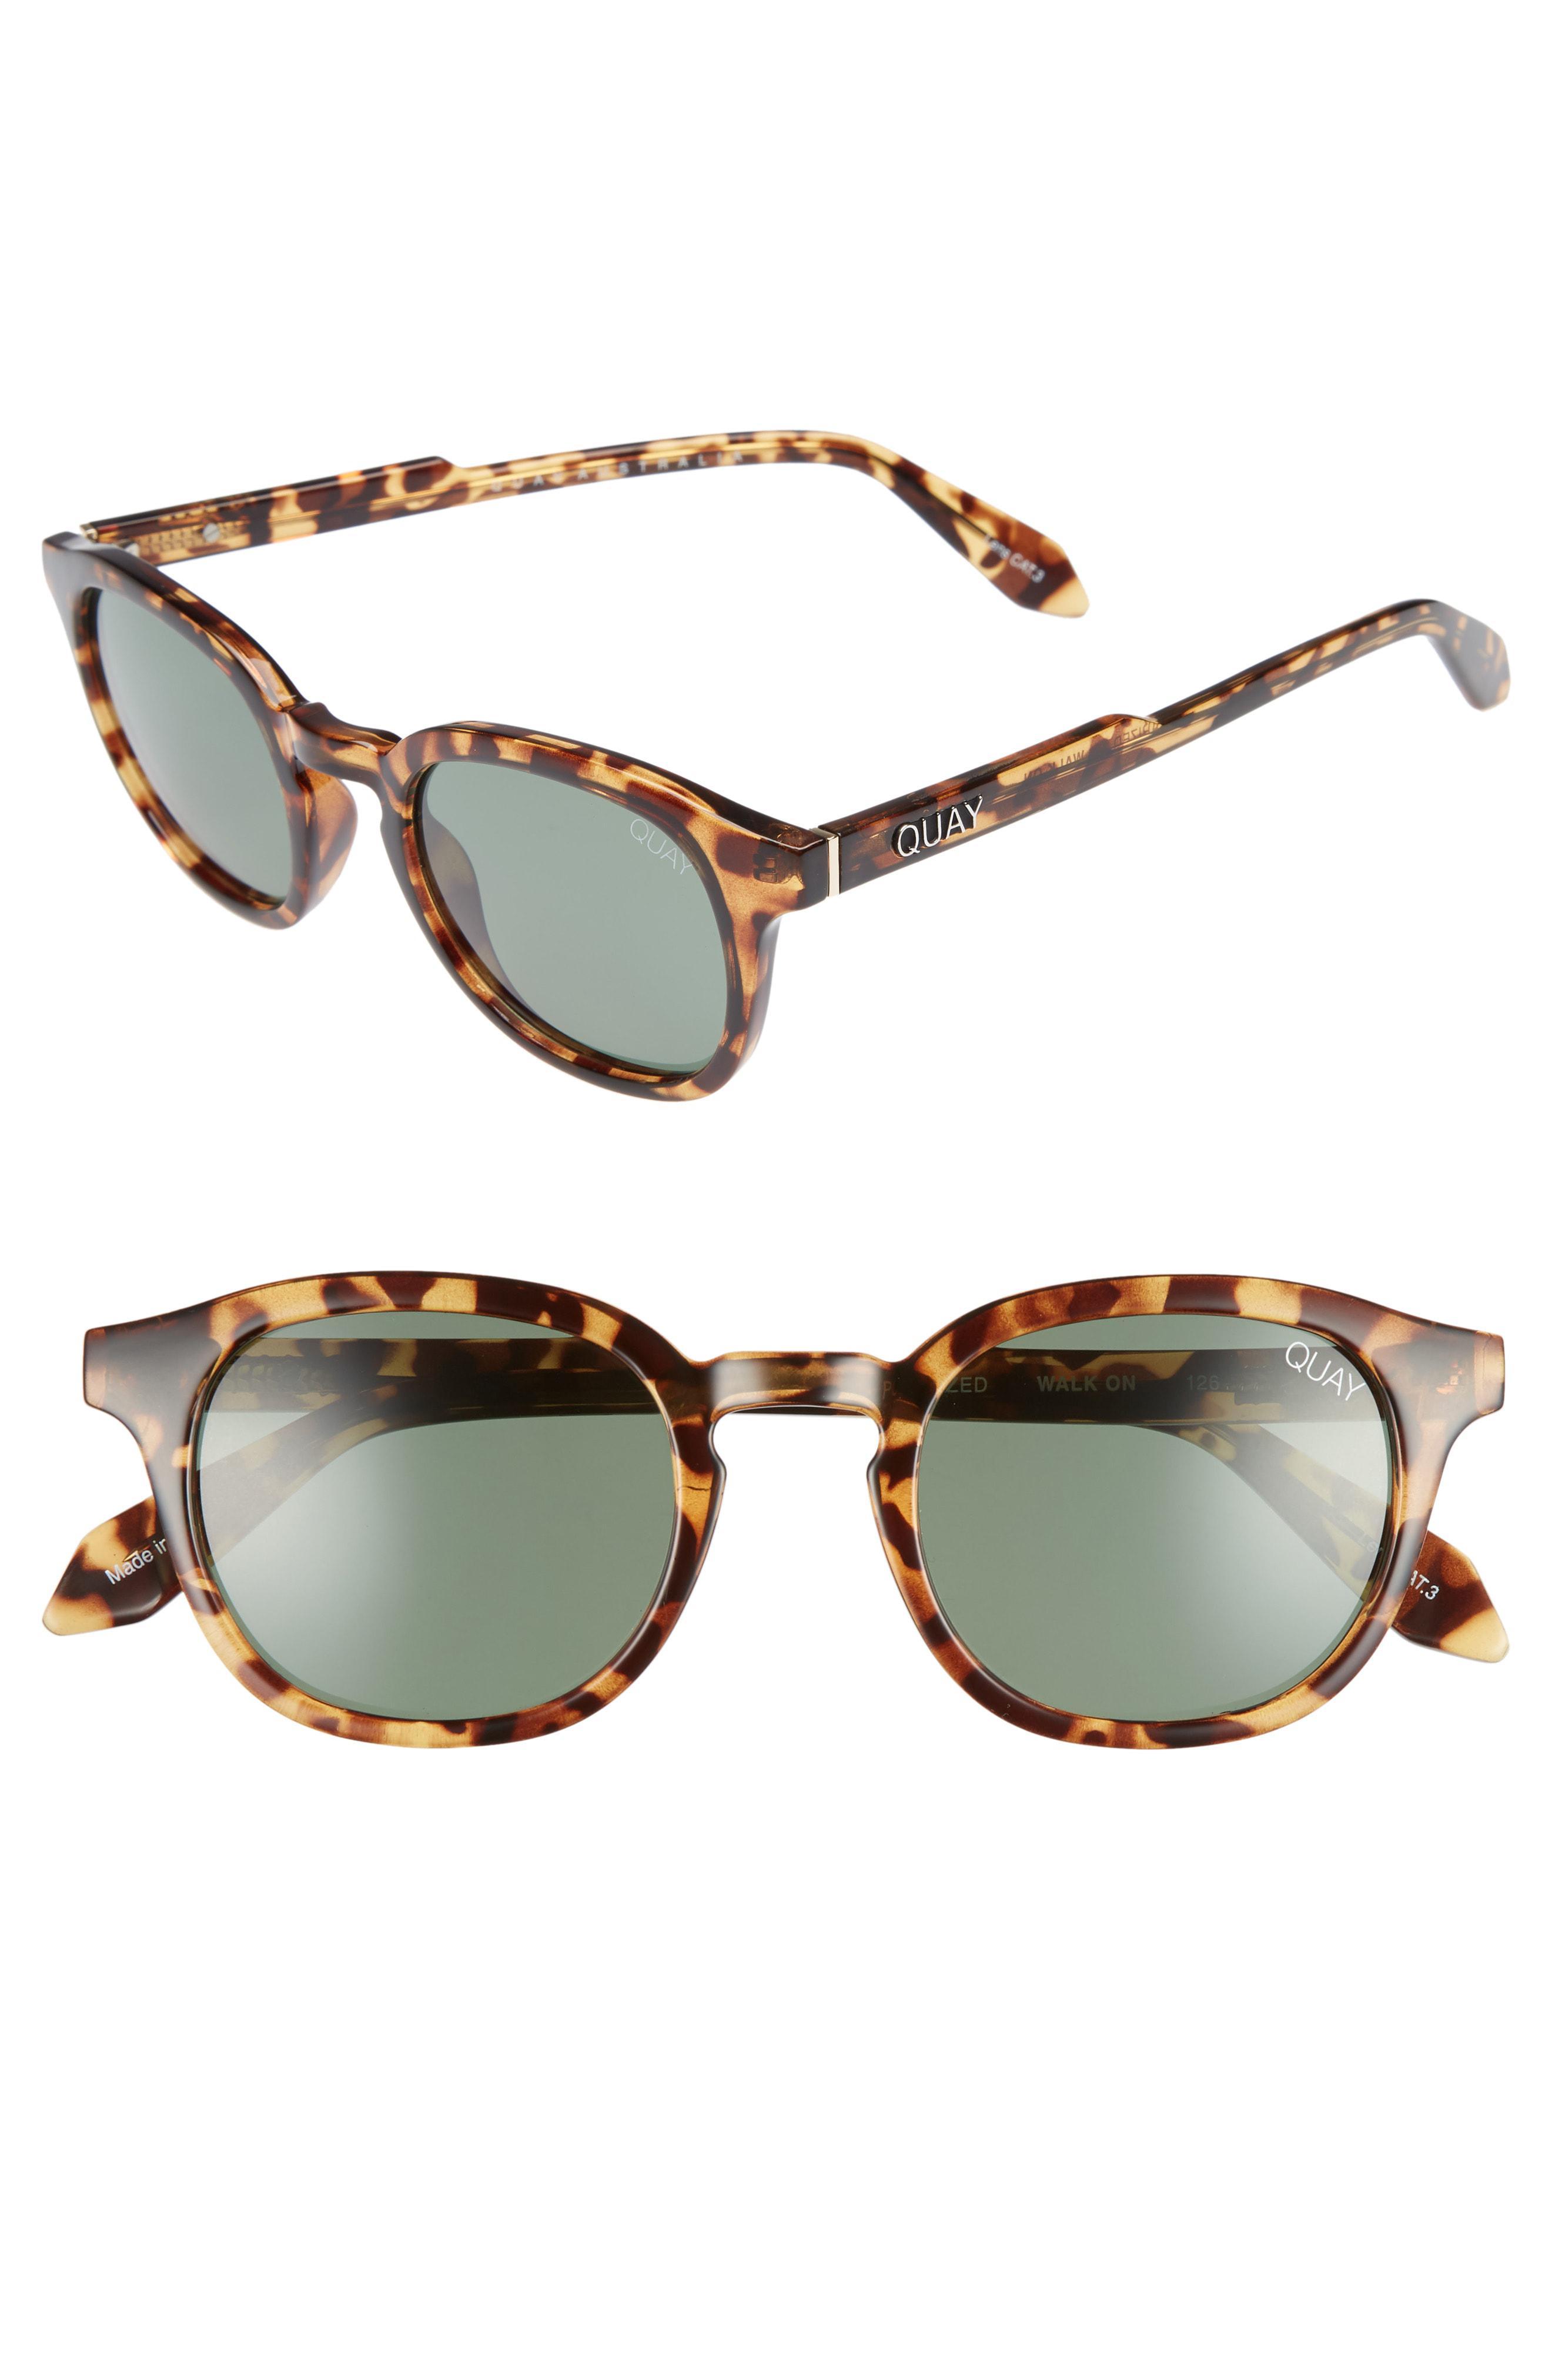 64ea52e589015 Quay - Multicolor Walk On 47mm Polarized Sunglasses - for Men - Lyst. View  fullscreen